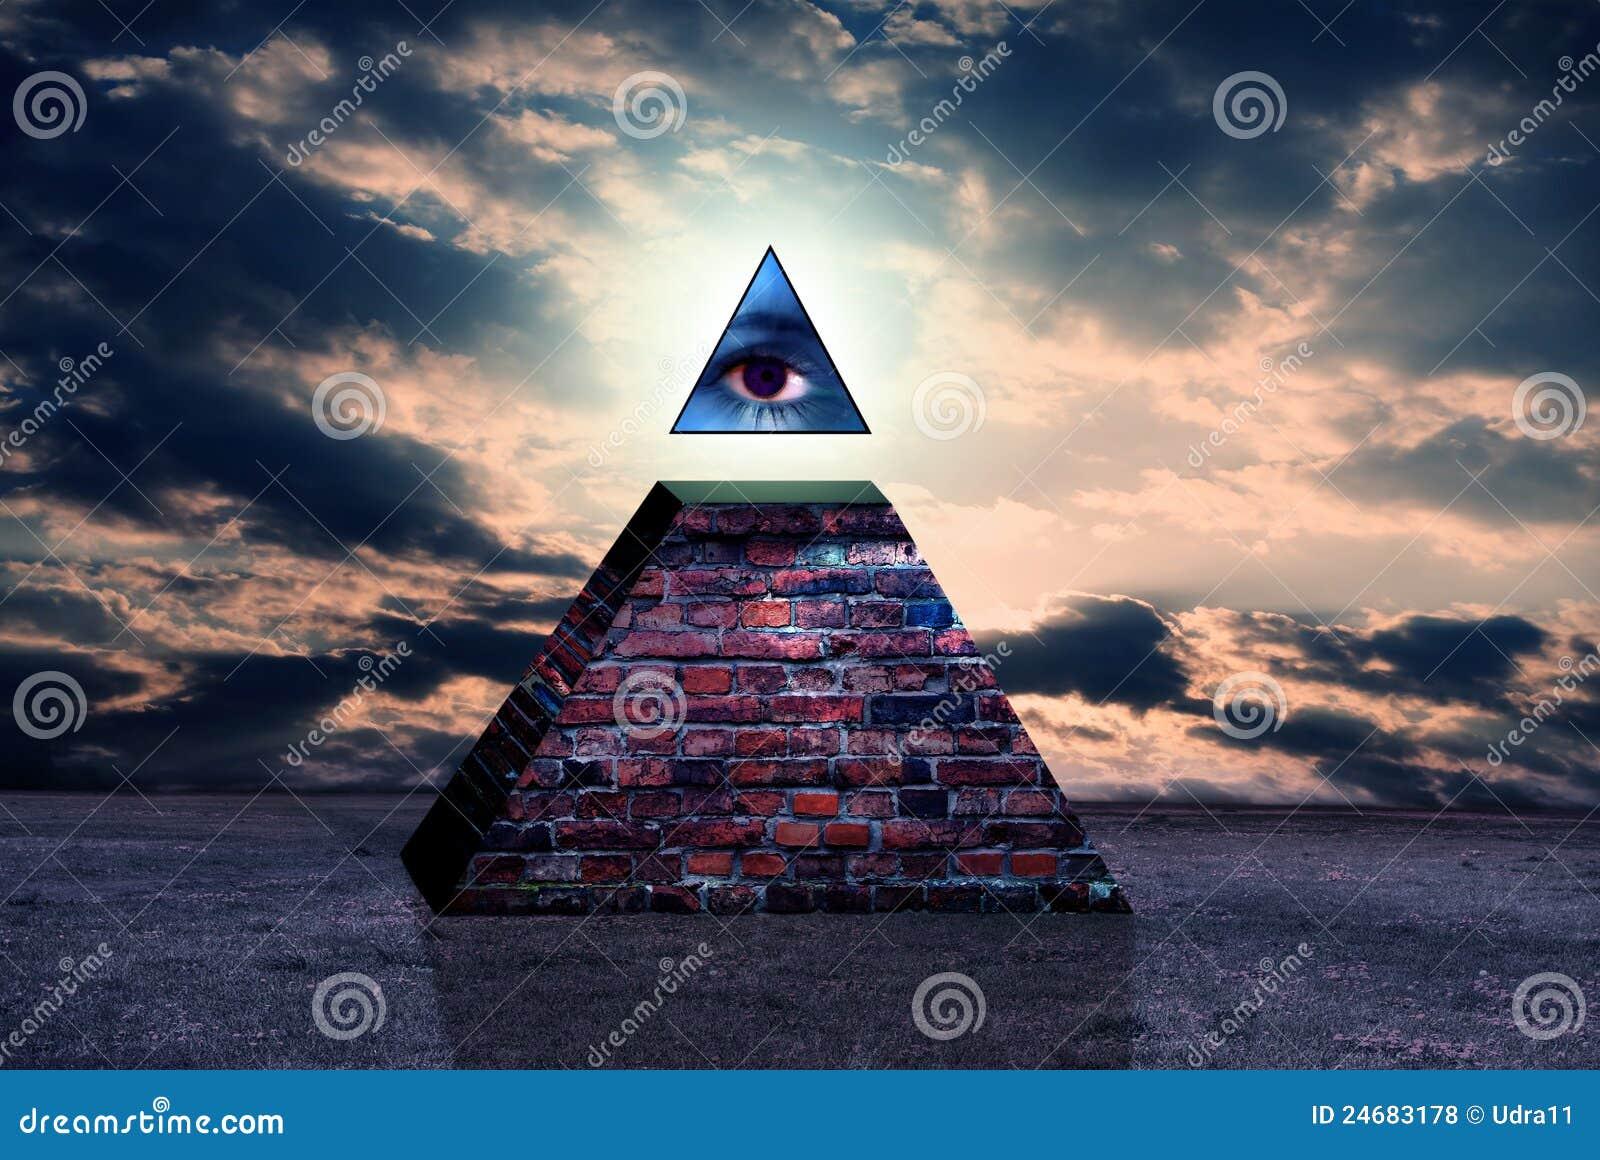 World News Gallery: New World Order Sign Of Illuminati Stock Illustration